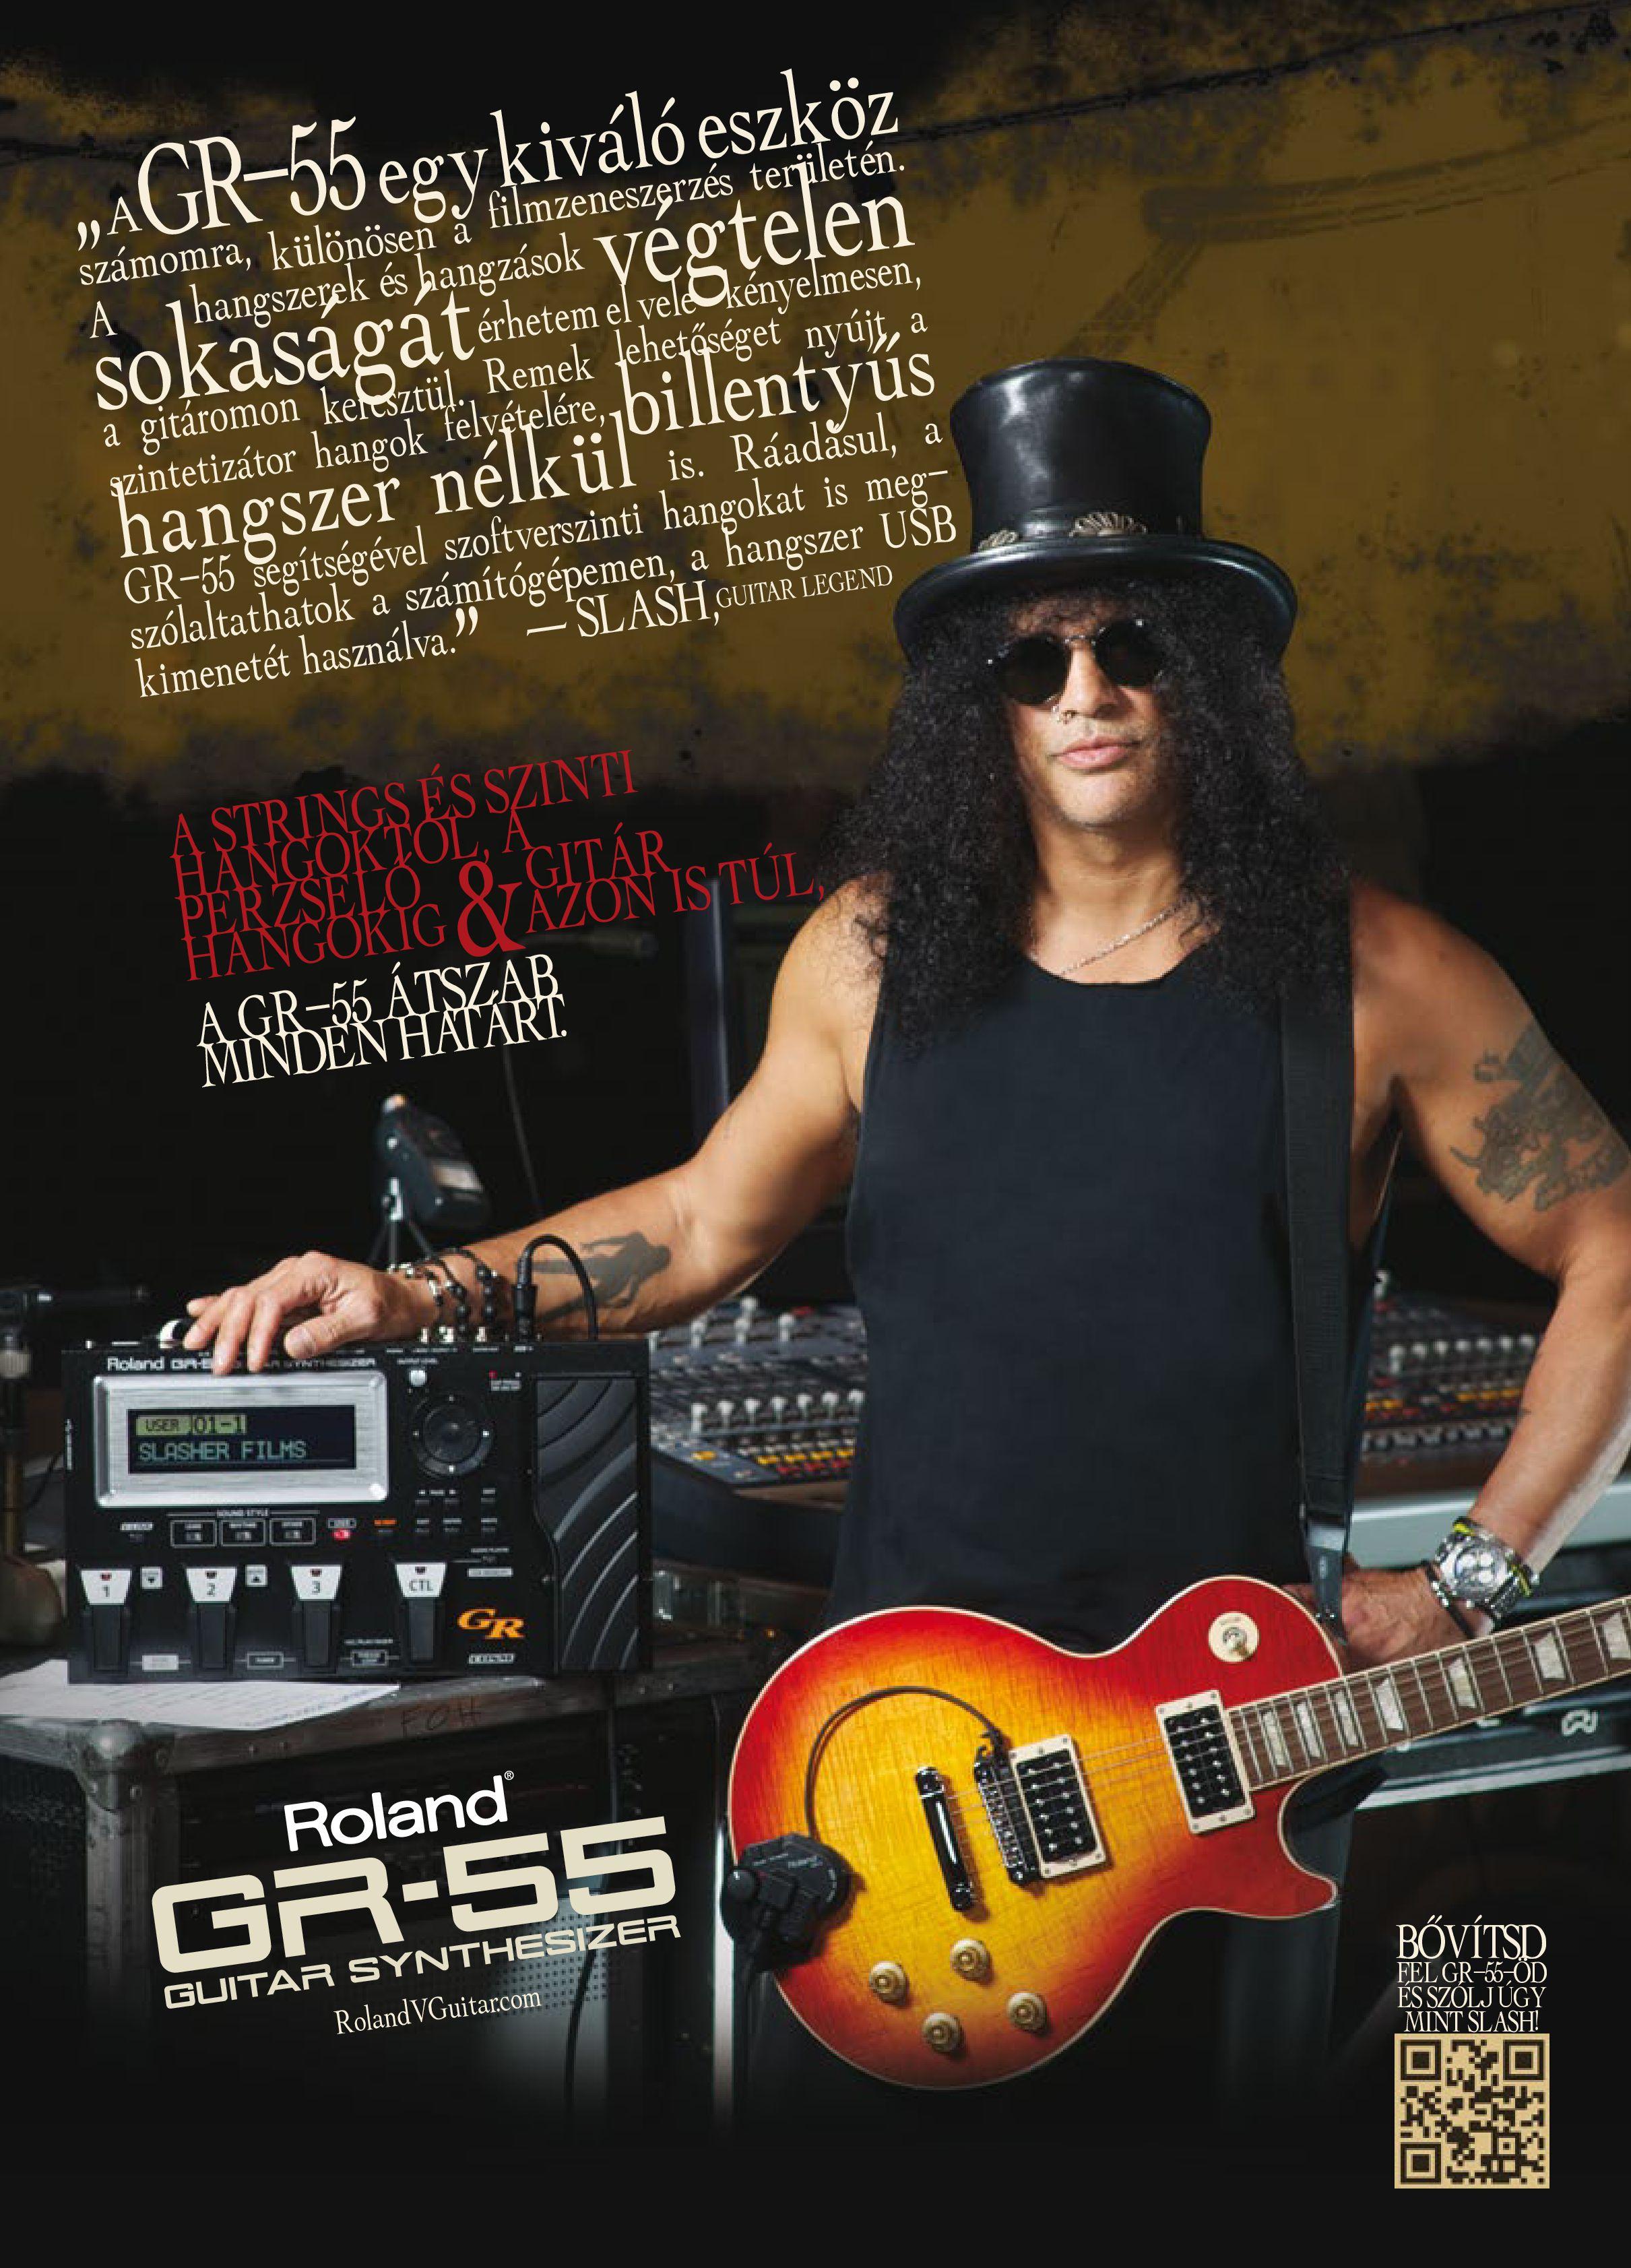 Slash és a Roland GR 55